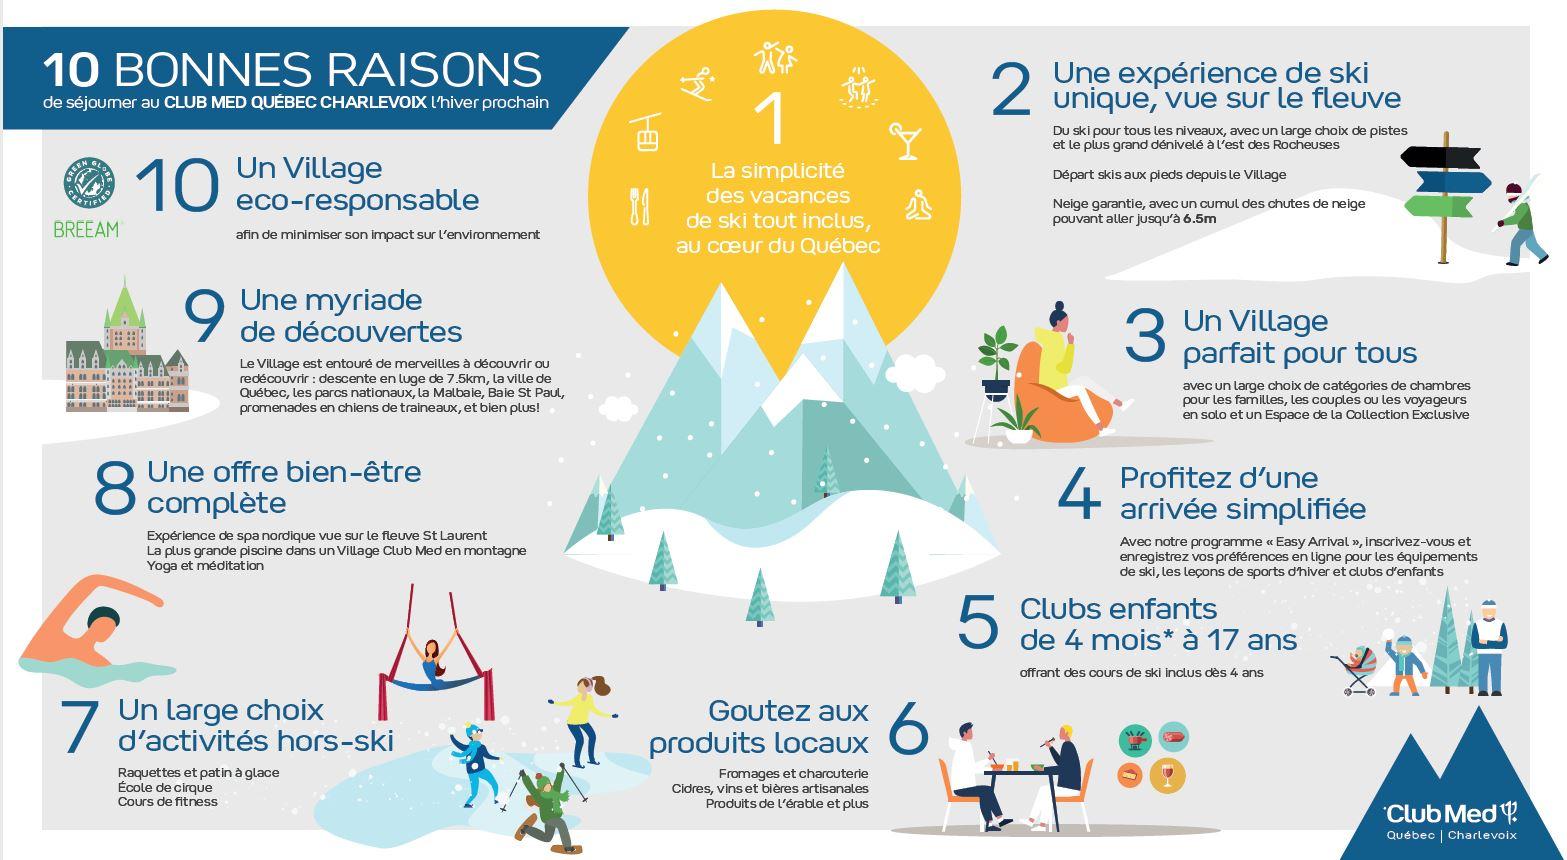 10 bonnes raisons de séjourner au Club Med Québec Charlevoix l'hiver prochain